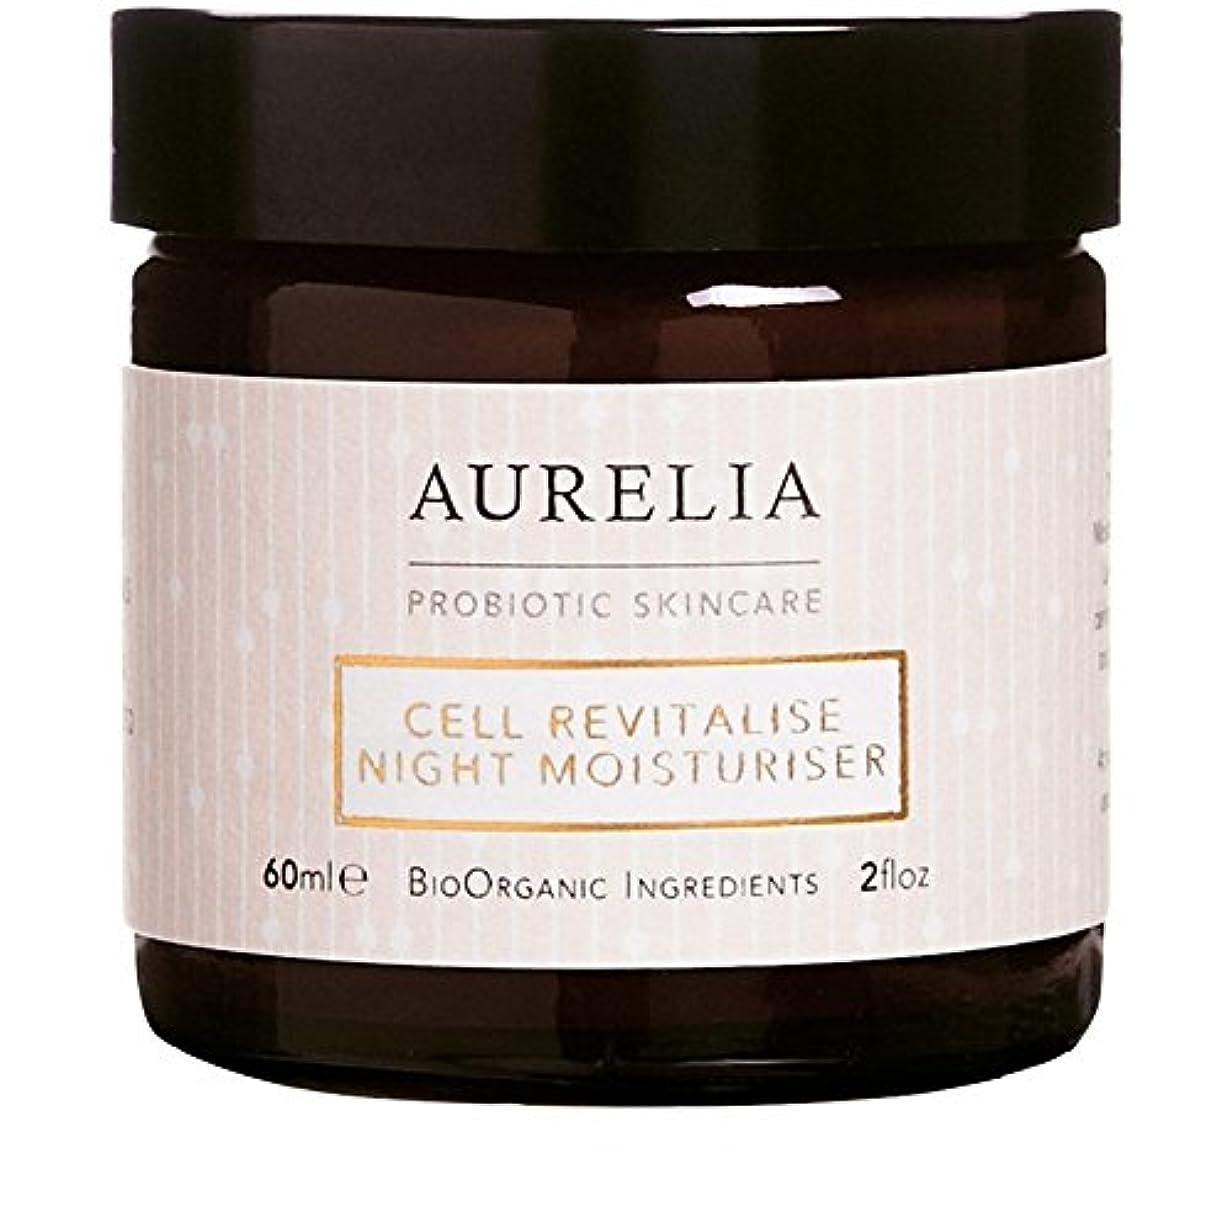 盗難解放するピース[Aurelia Probiotic Skincare ] アウレリアプロバイオティクススキンケア細胞は、夜の保湿60ミリリットルを活性化 - Aurelia Probiotic Skincare Cell Revitalise Night Moisturiser 60ml [並行輸入品]